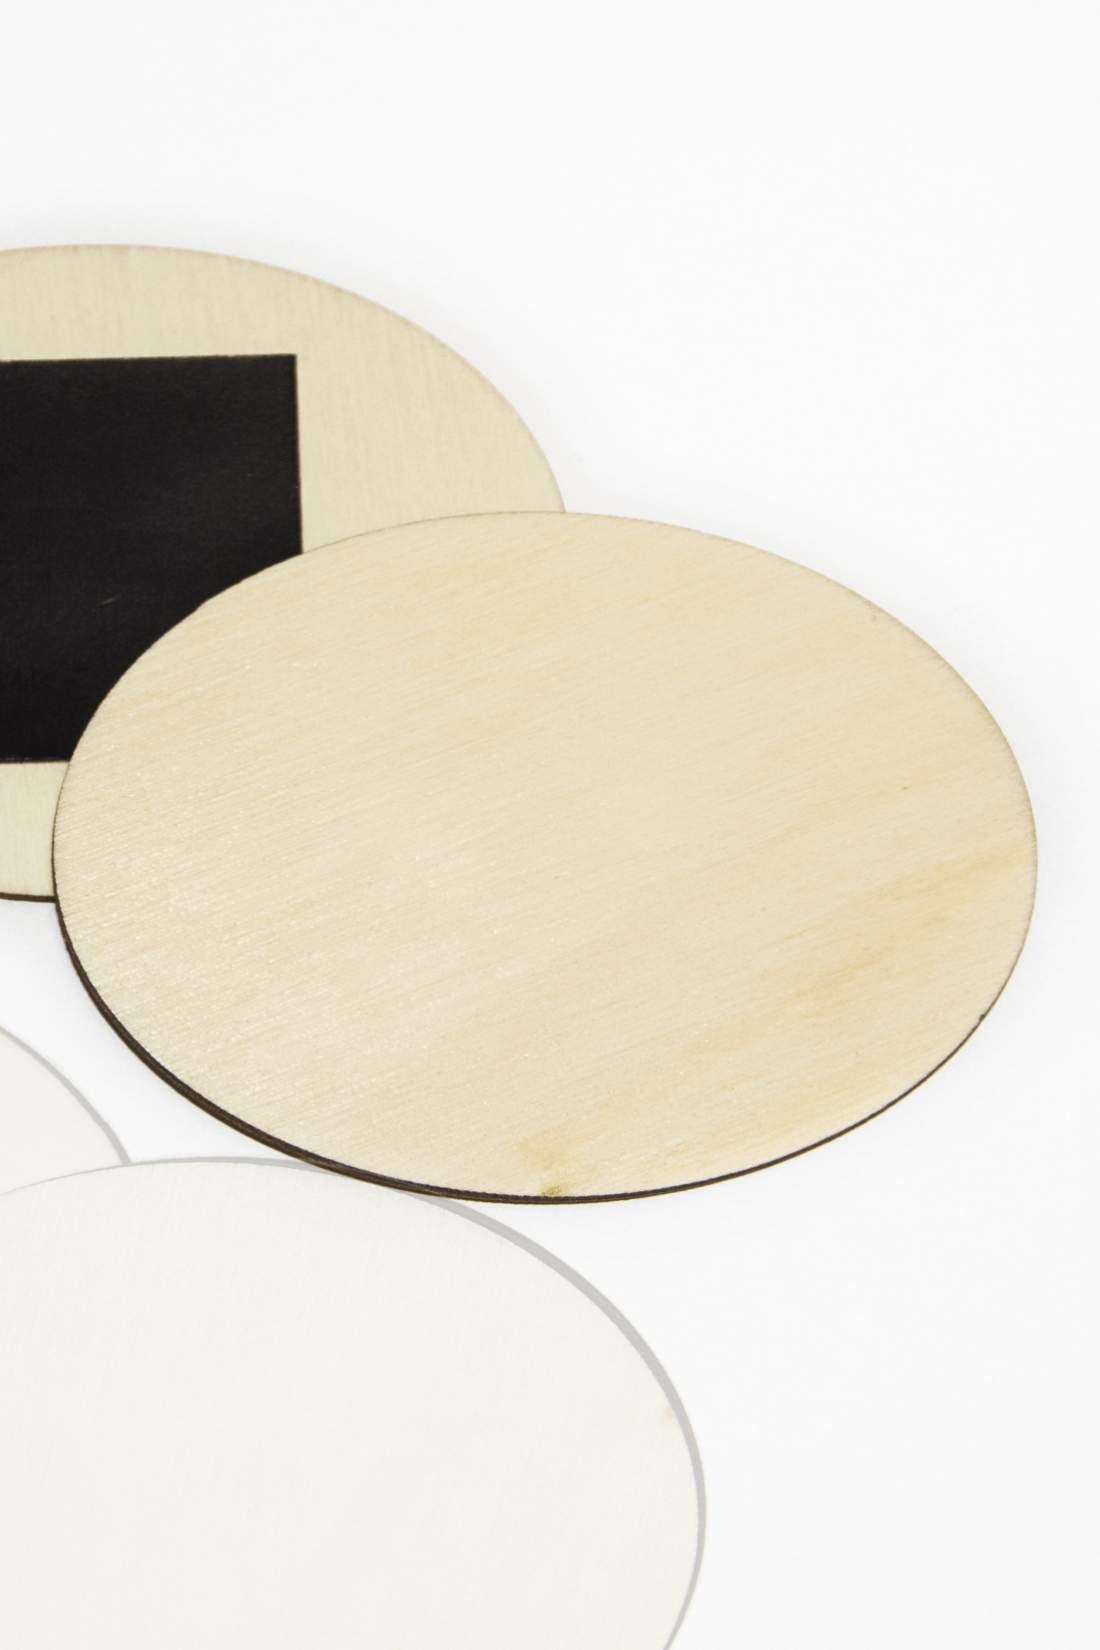 101.1 Dřevěná magnetka na ledničku - základní materiál, oválný řez 70x50mm